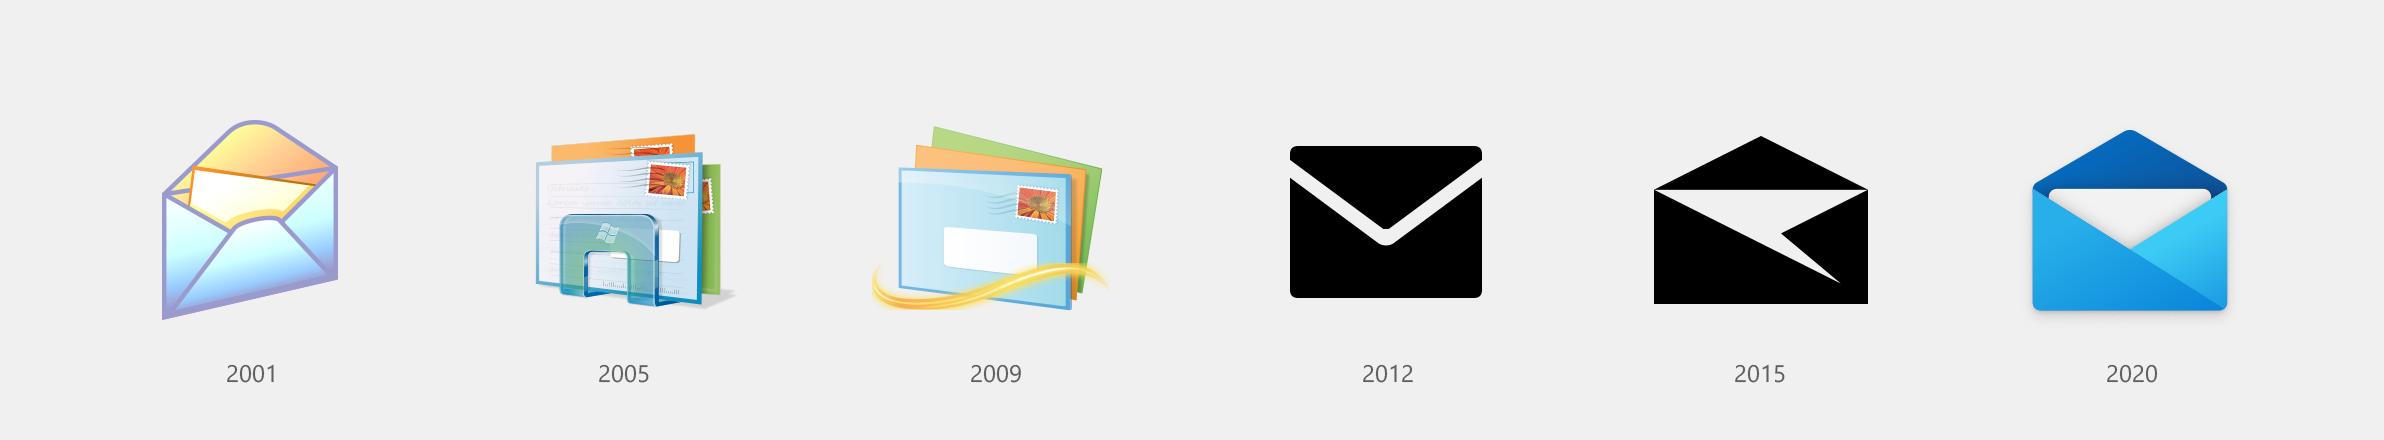 Novos ícones do Windows 10